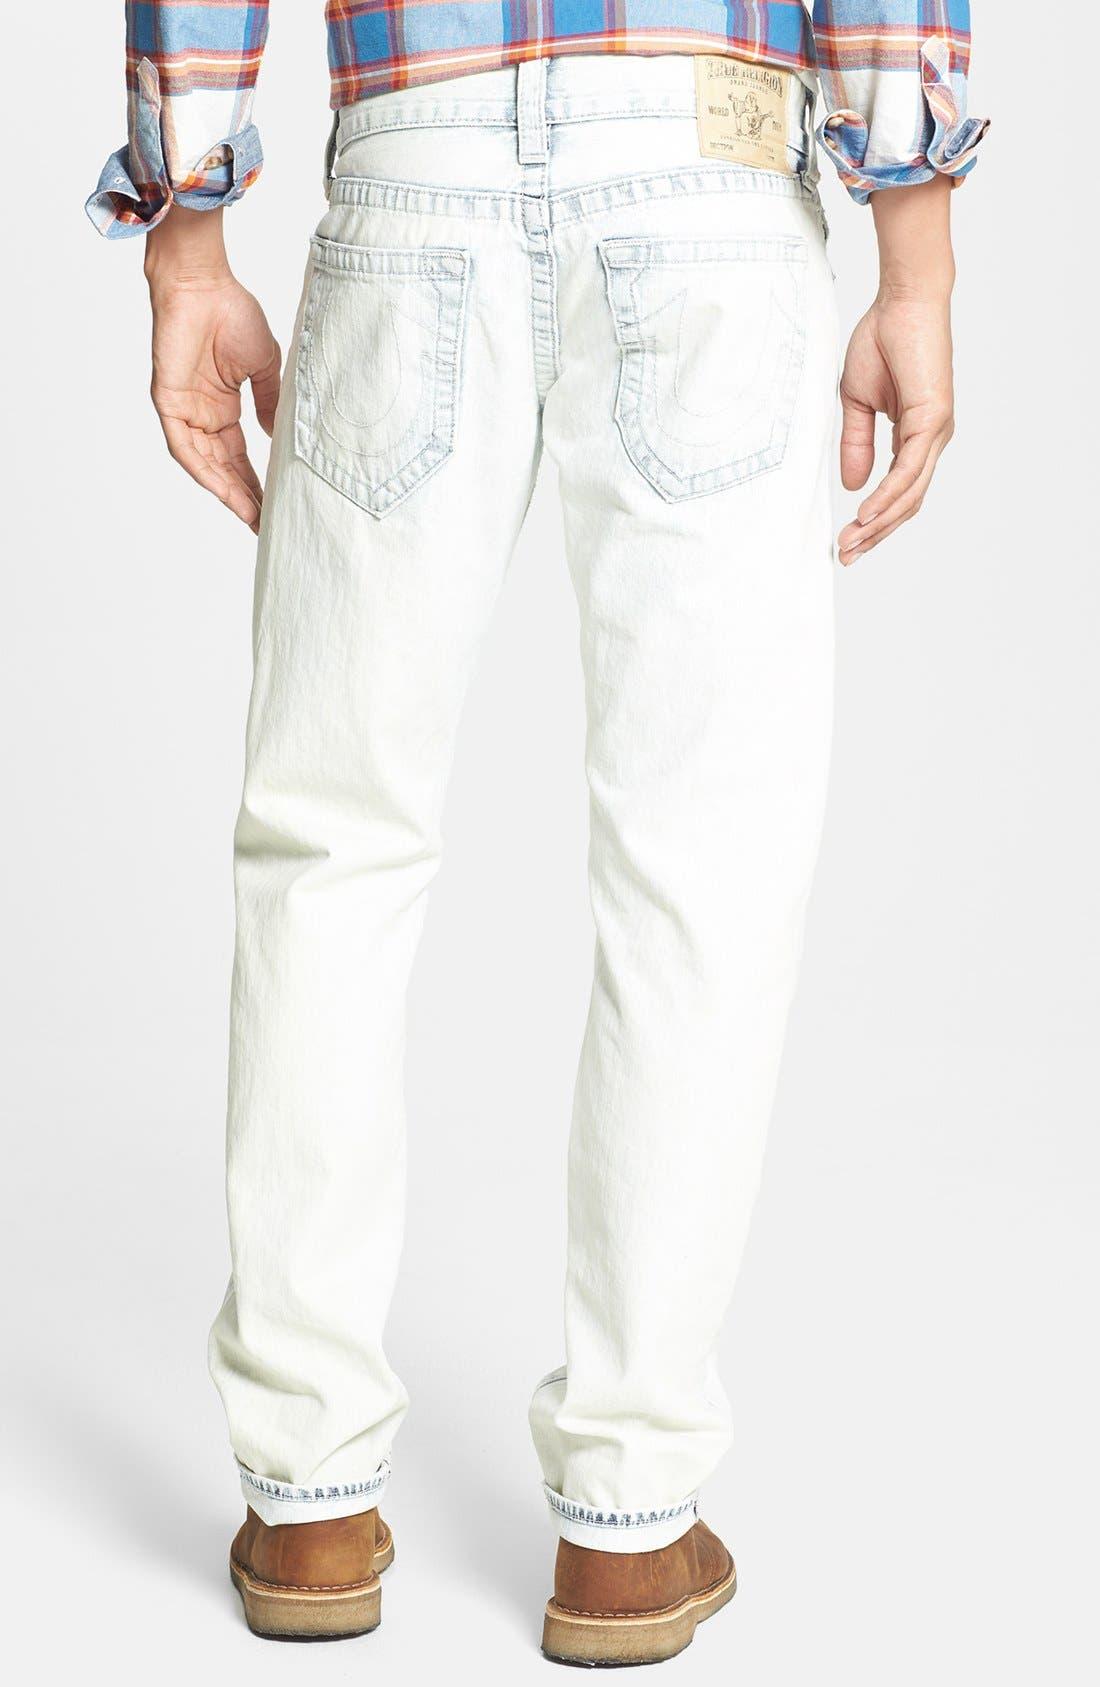 Alternate Image 1 Selected - True Religion Brand Jeans 'Geno' Straight Leg Jeans (Azml White Keys)